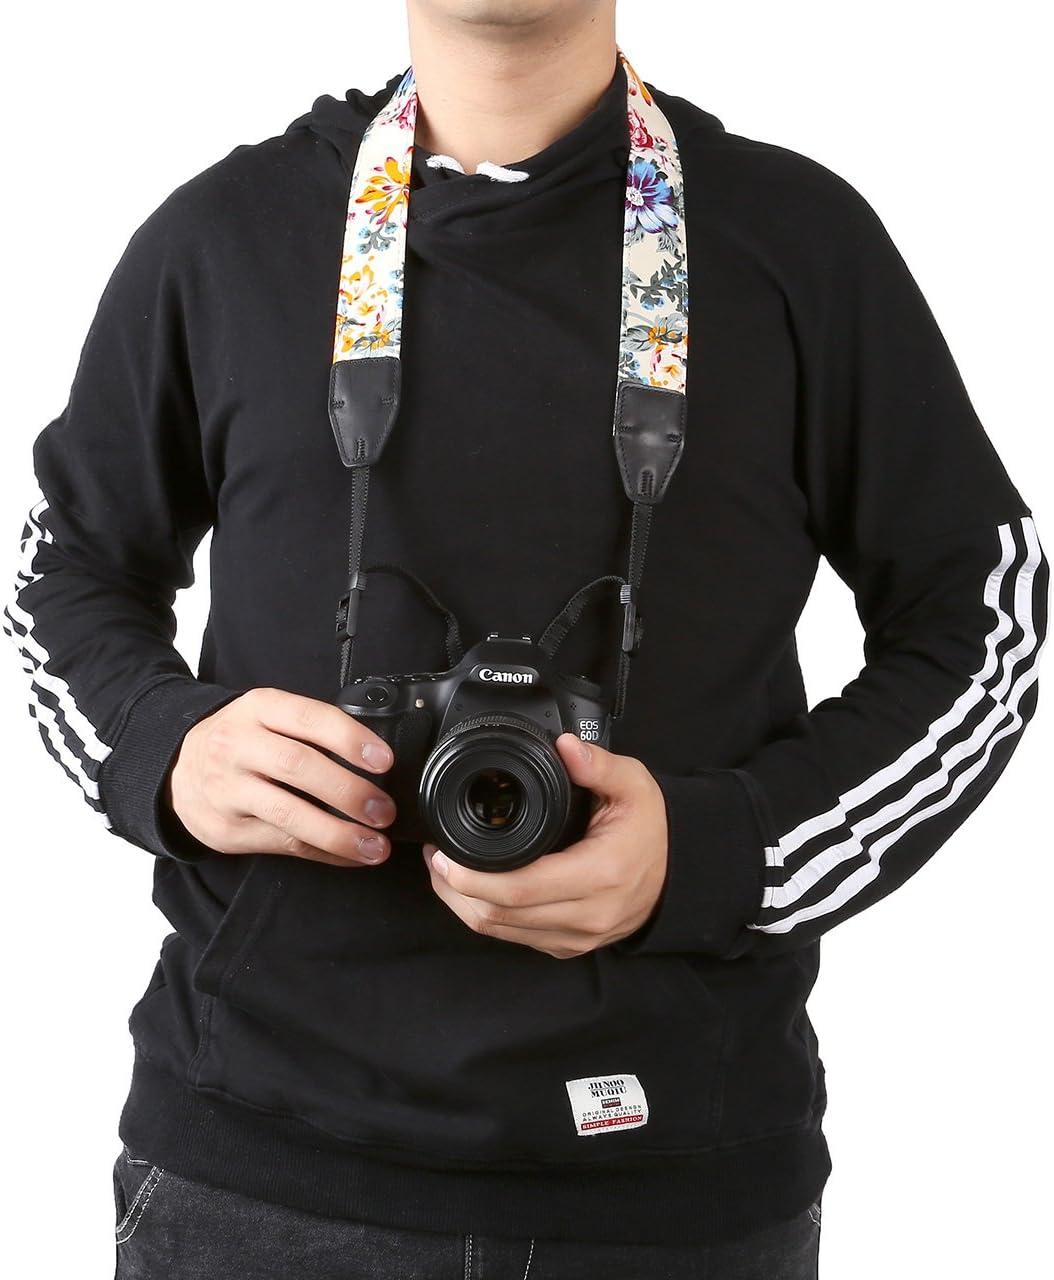 Yoption Vintage Floral Cotton Canvas Camera Neck Shoulder Belt with Connect Buckle for All DSLR SLR Camera Neck Shoulder Strap